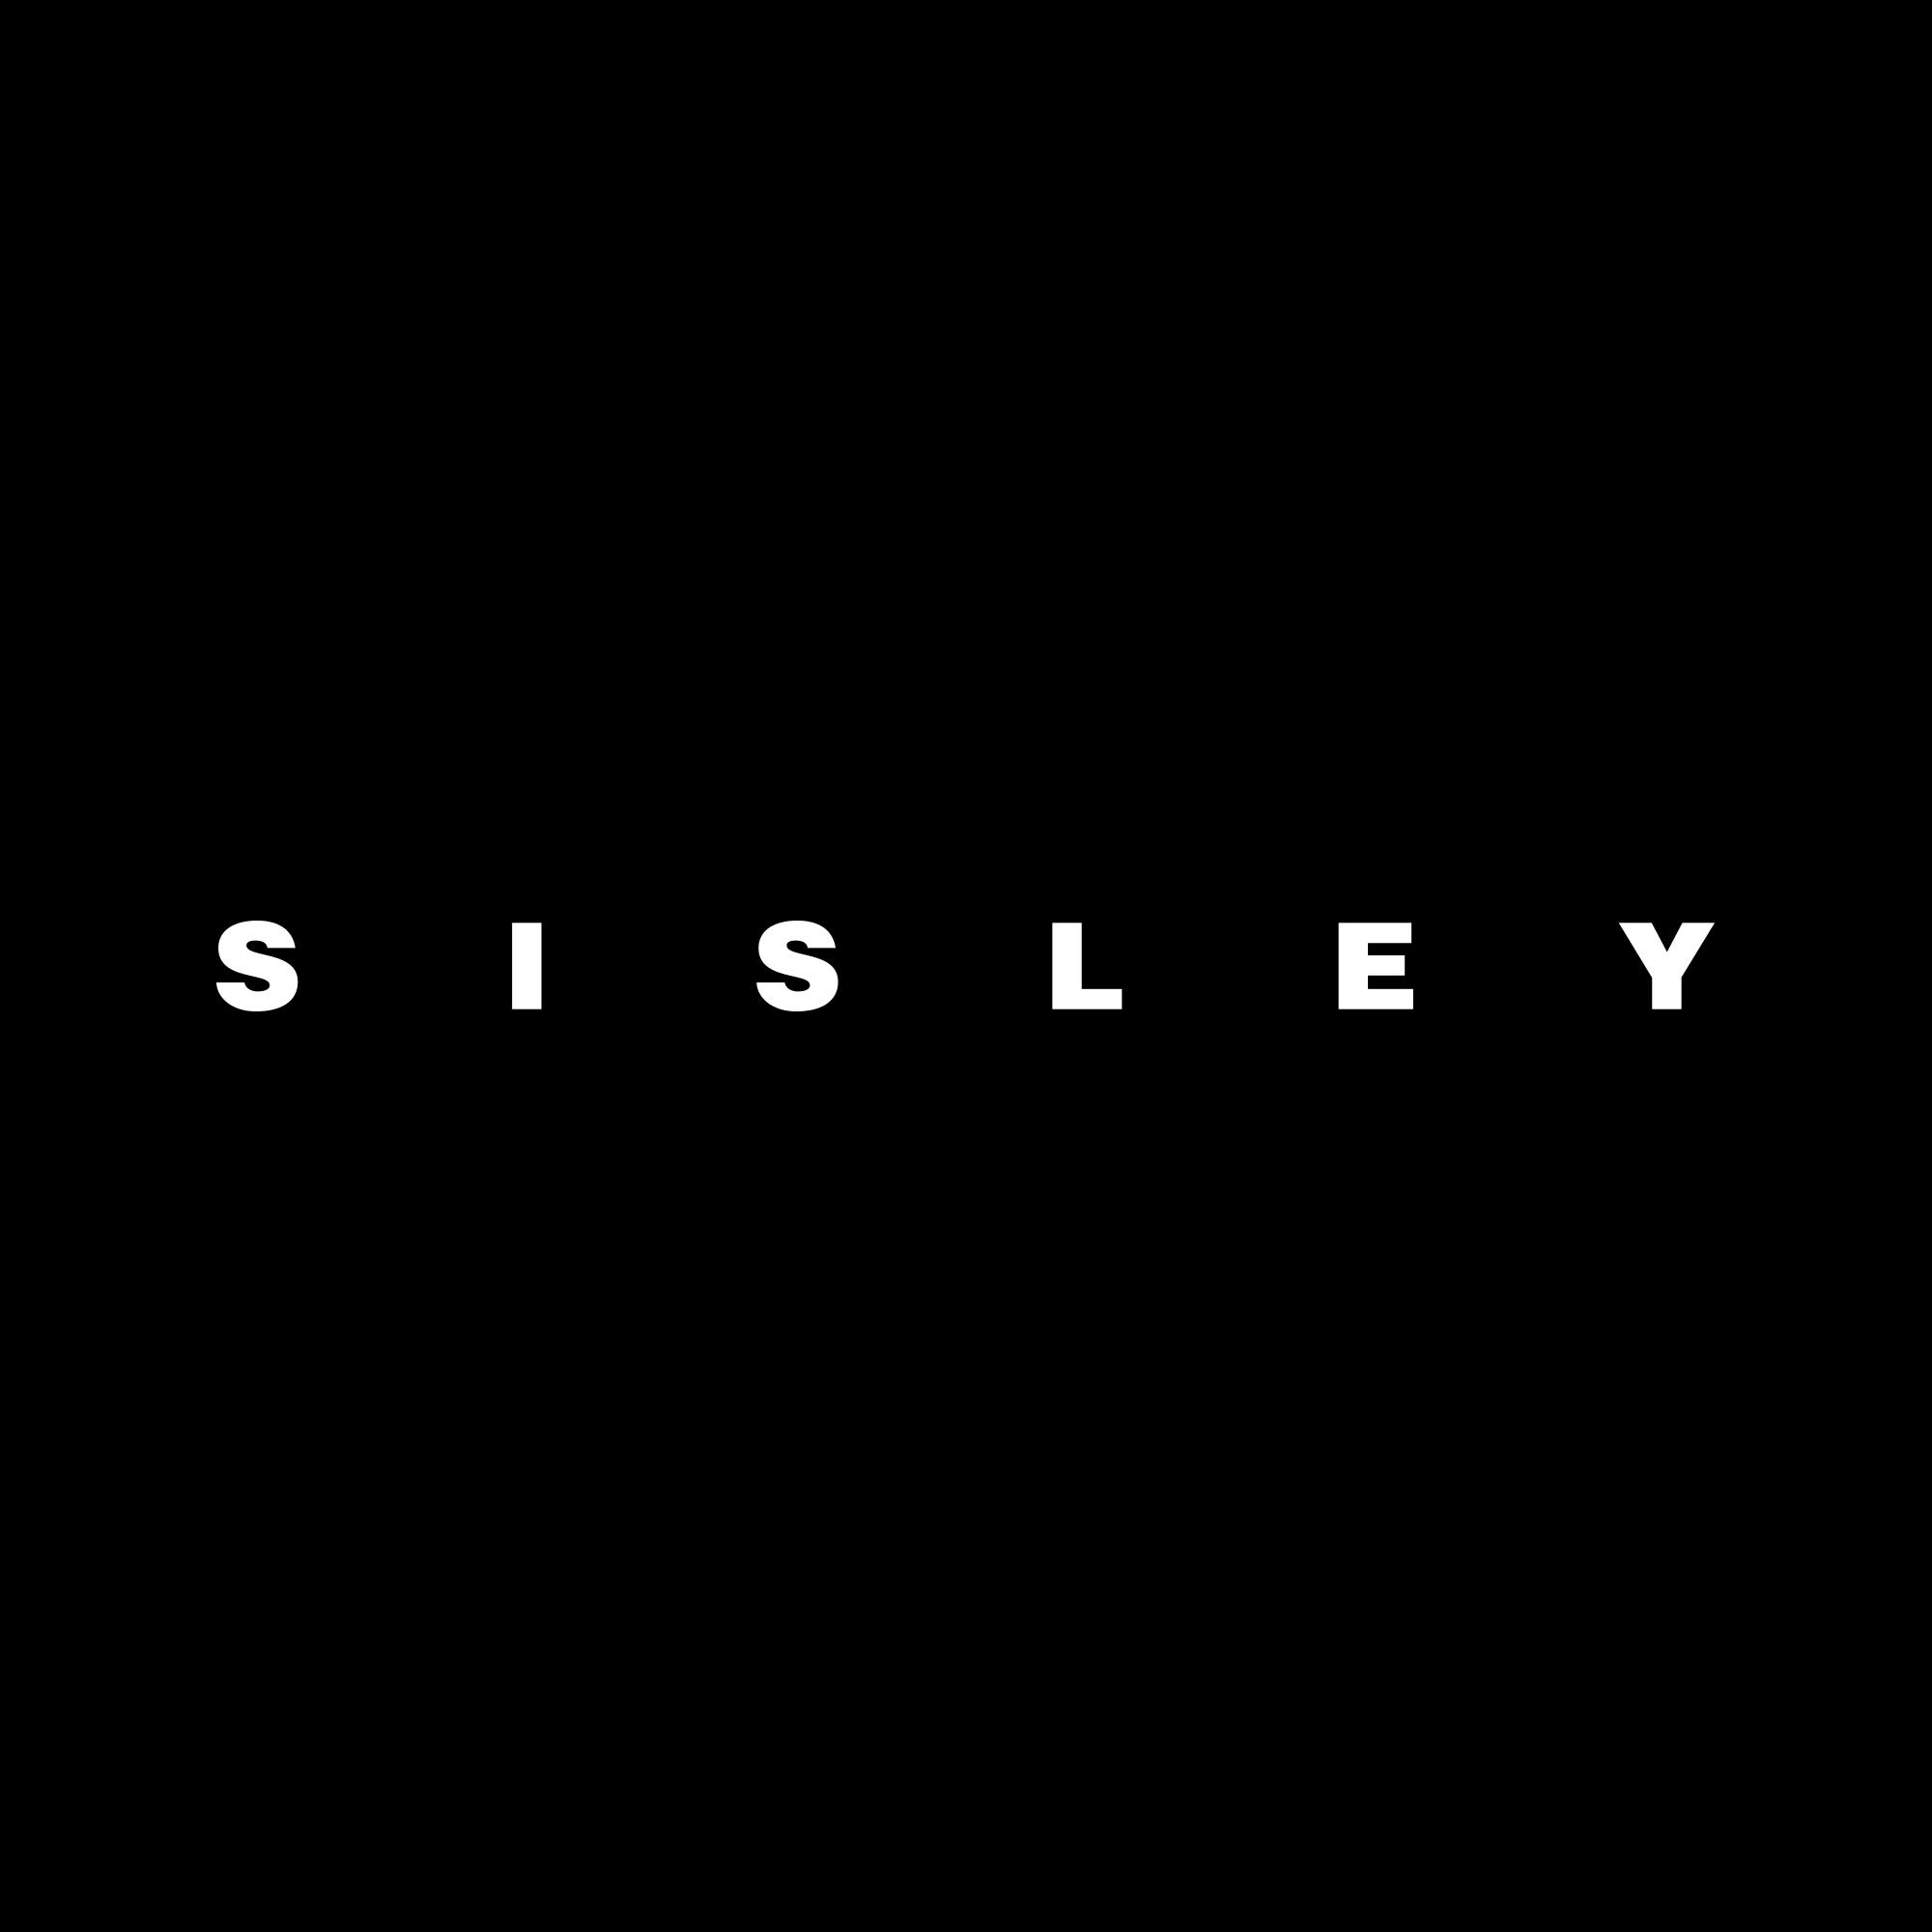 Sisley - Abbigliamento - vendita al dettaglio Lecce